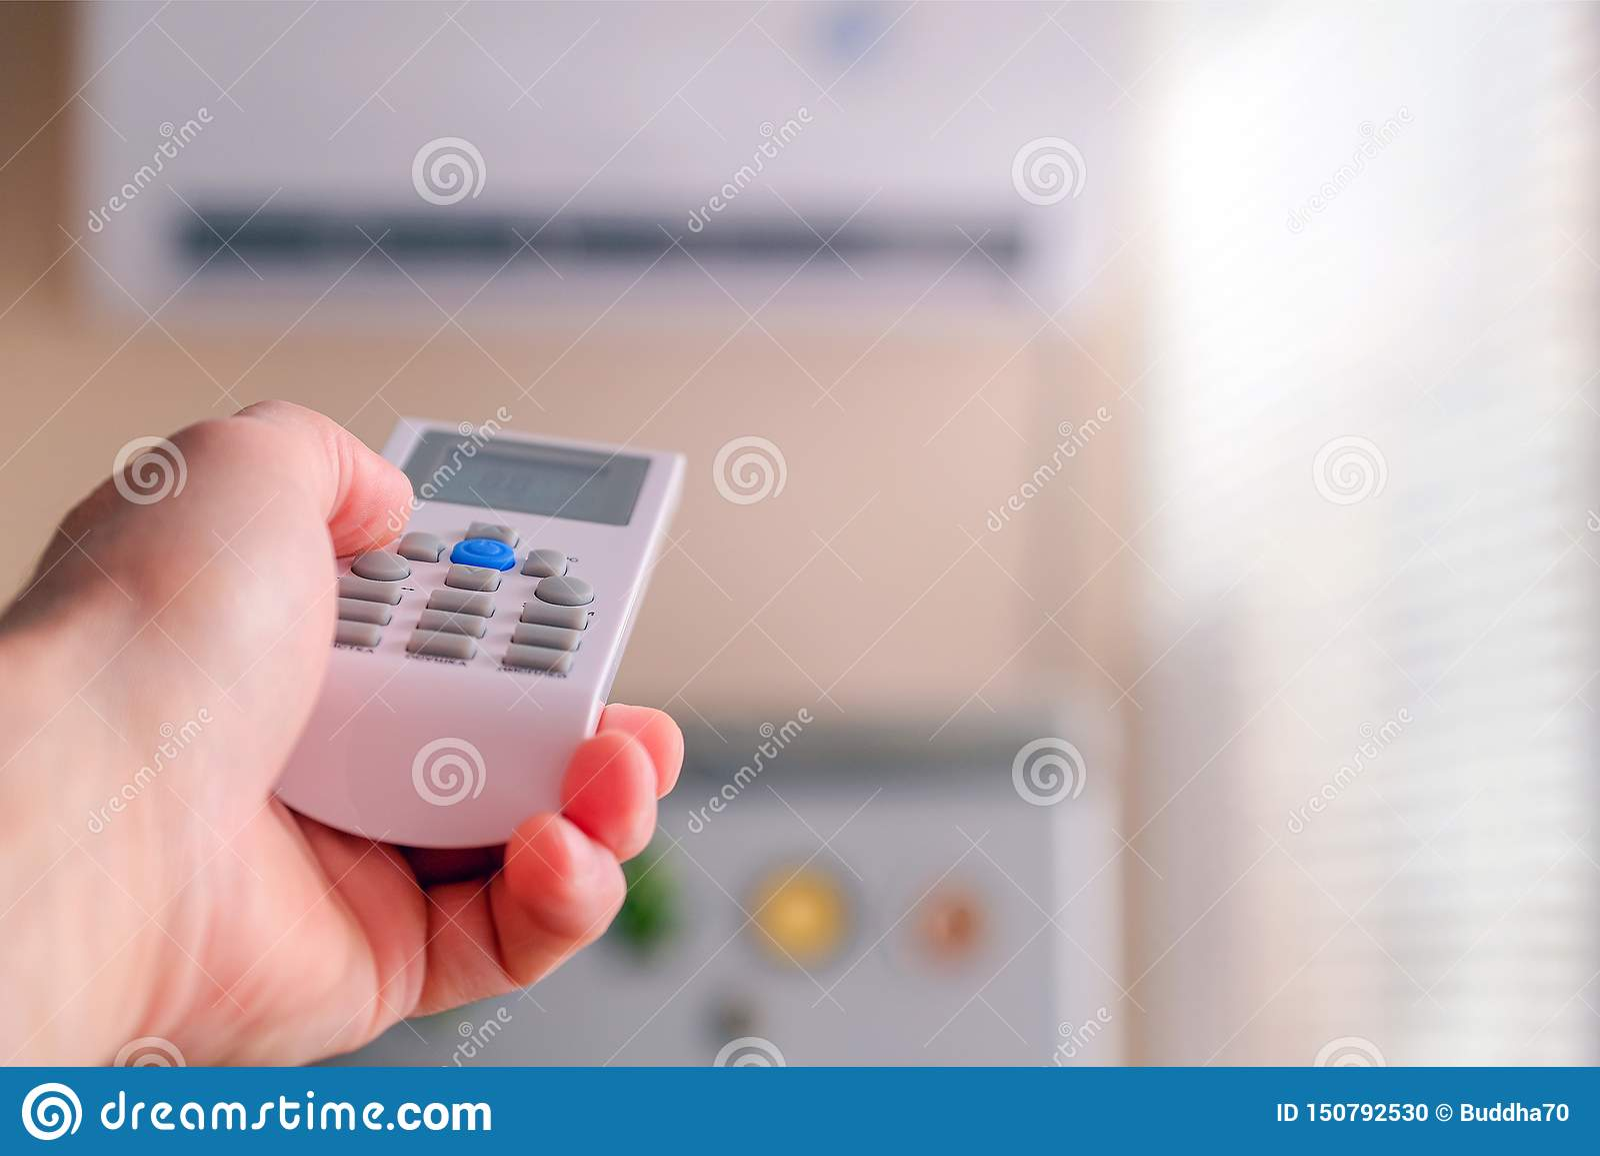 O homem comuta os modos do condicionamento de ar Telecontrole à disposição Ajusta a temperatura refrigerando da sala